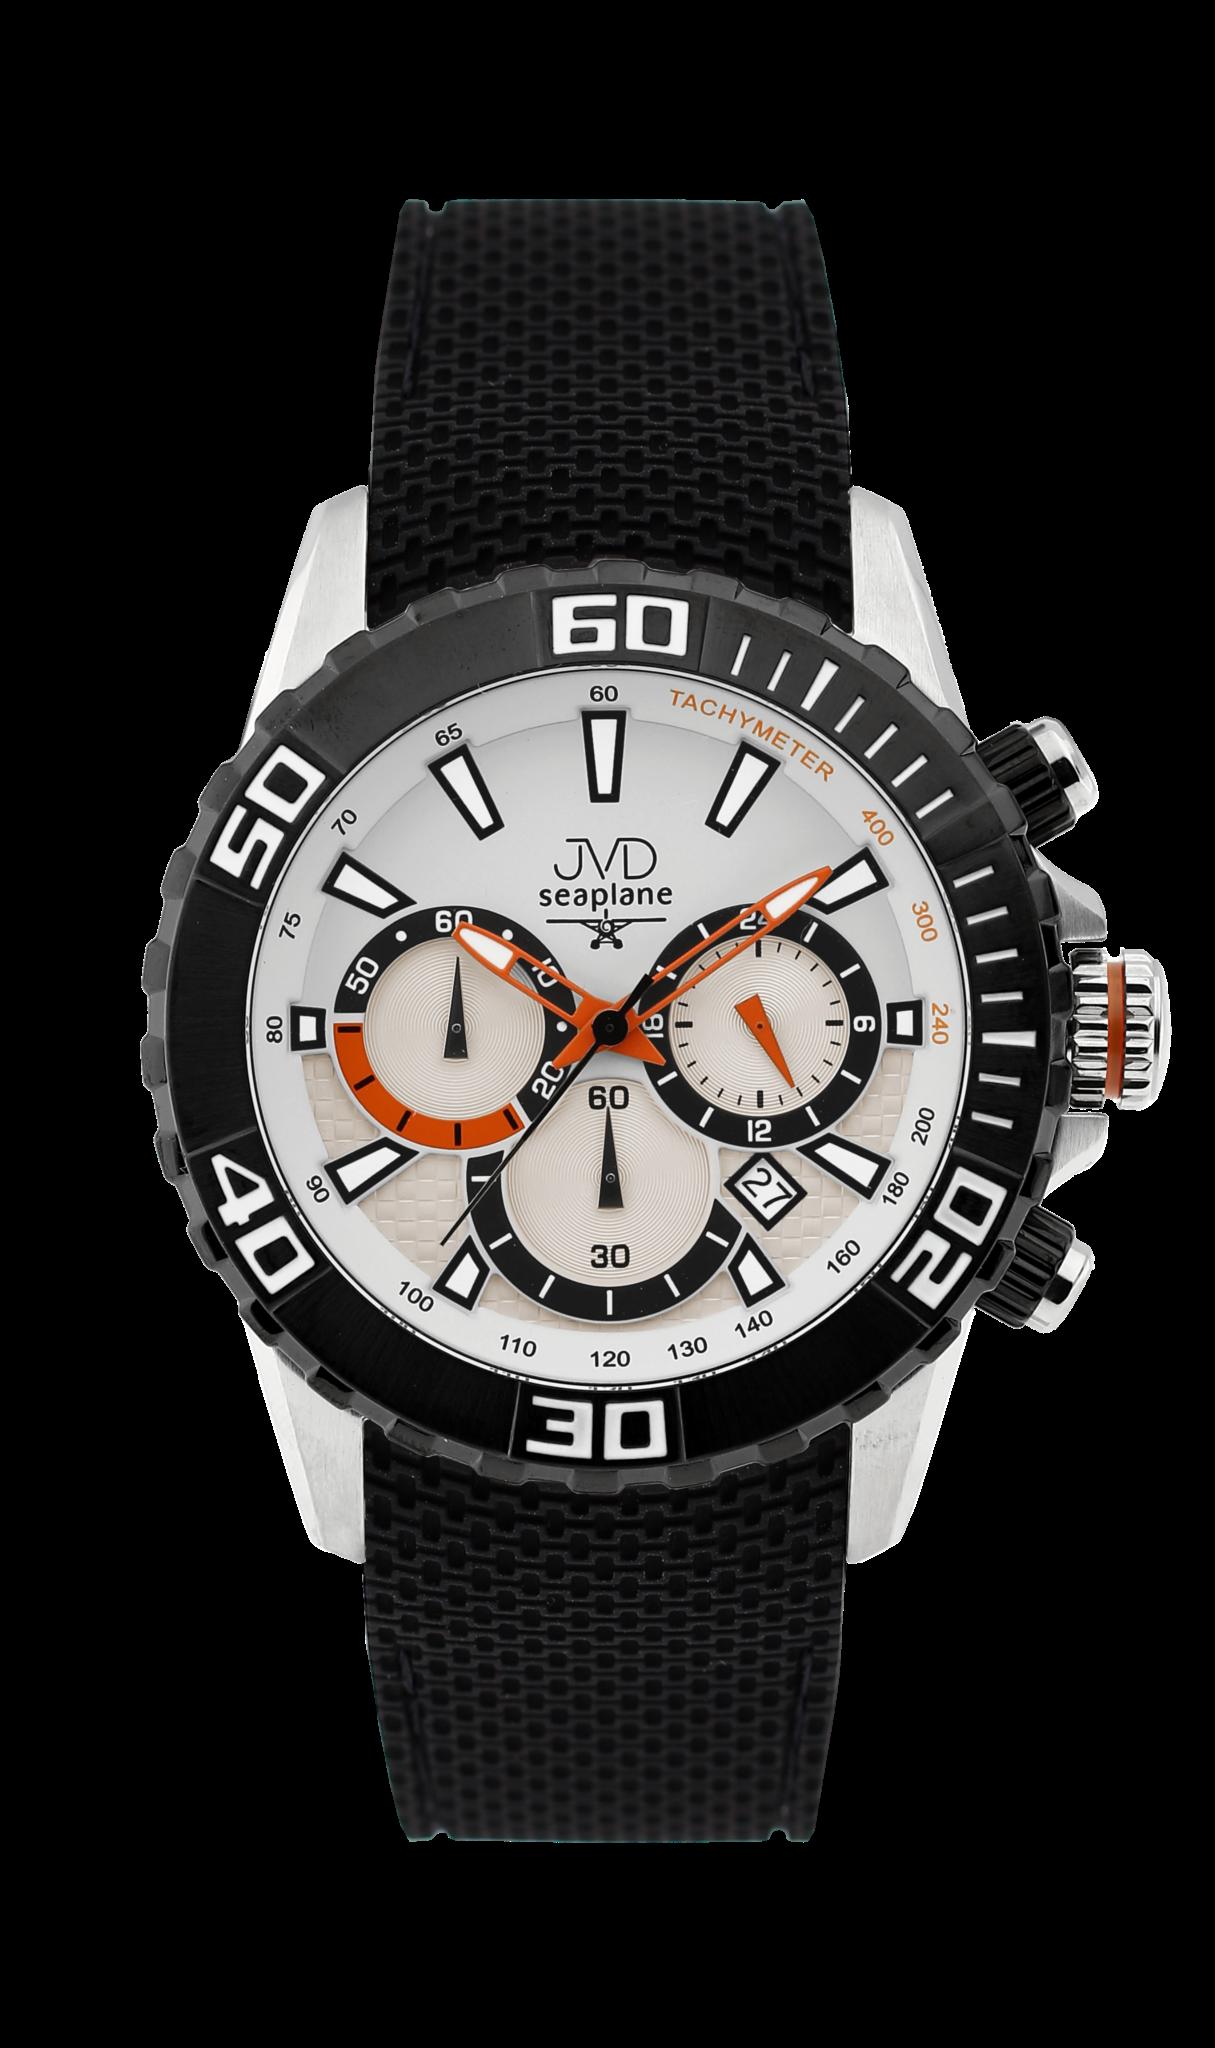 Vysoce odolné spotovní vodotěsné hodinky - chronograf JVD Seaplane J1090.1 (POŠTOVNÉ ZDARMA!!)